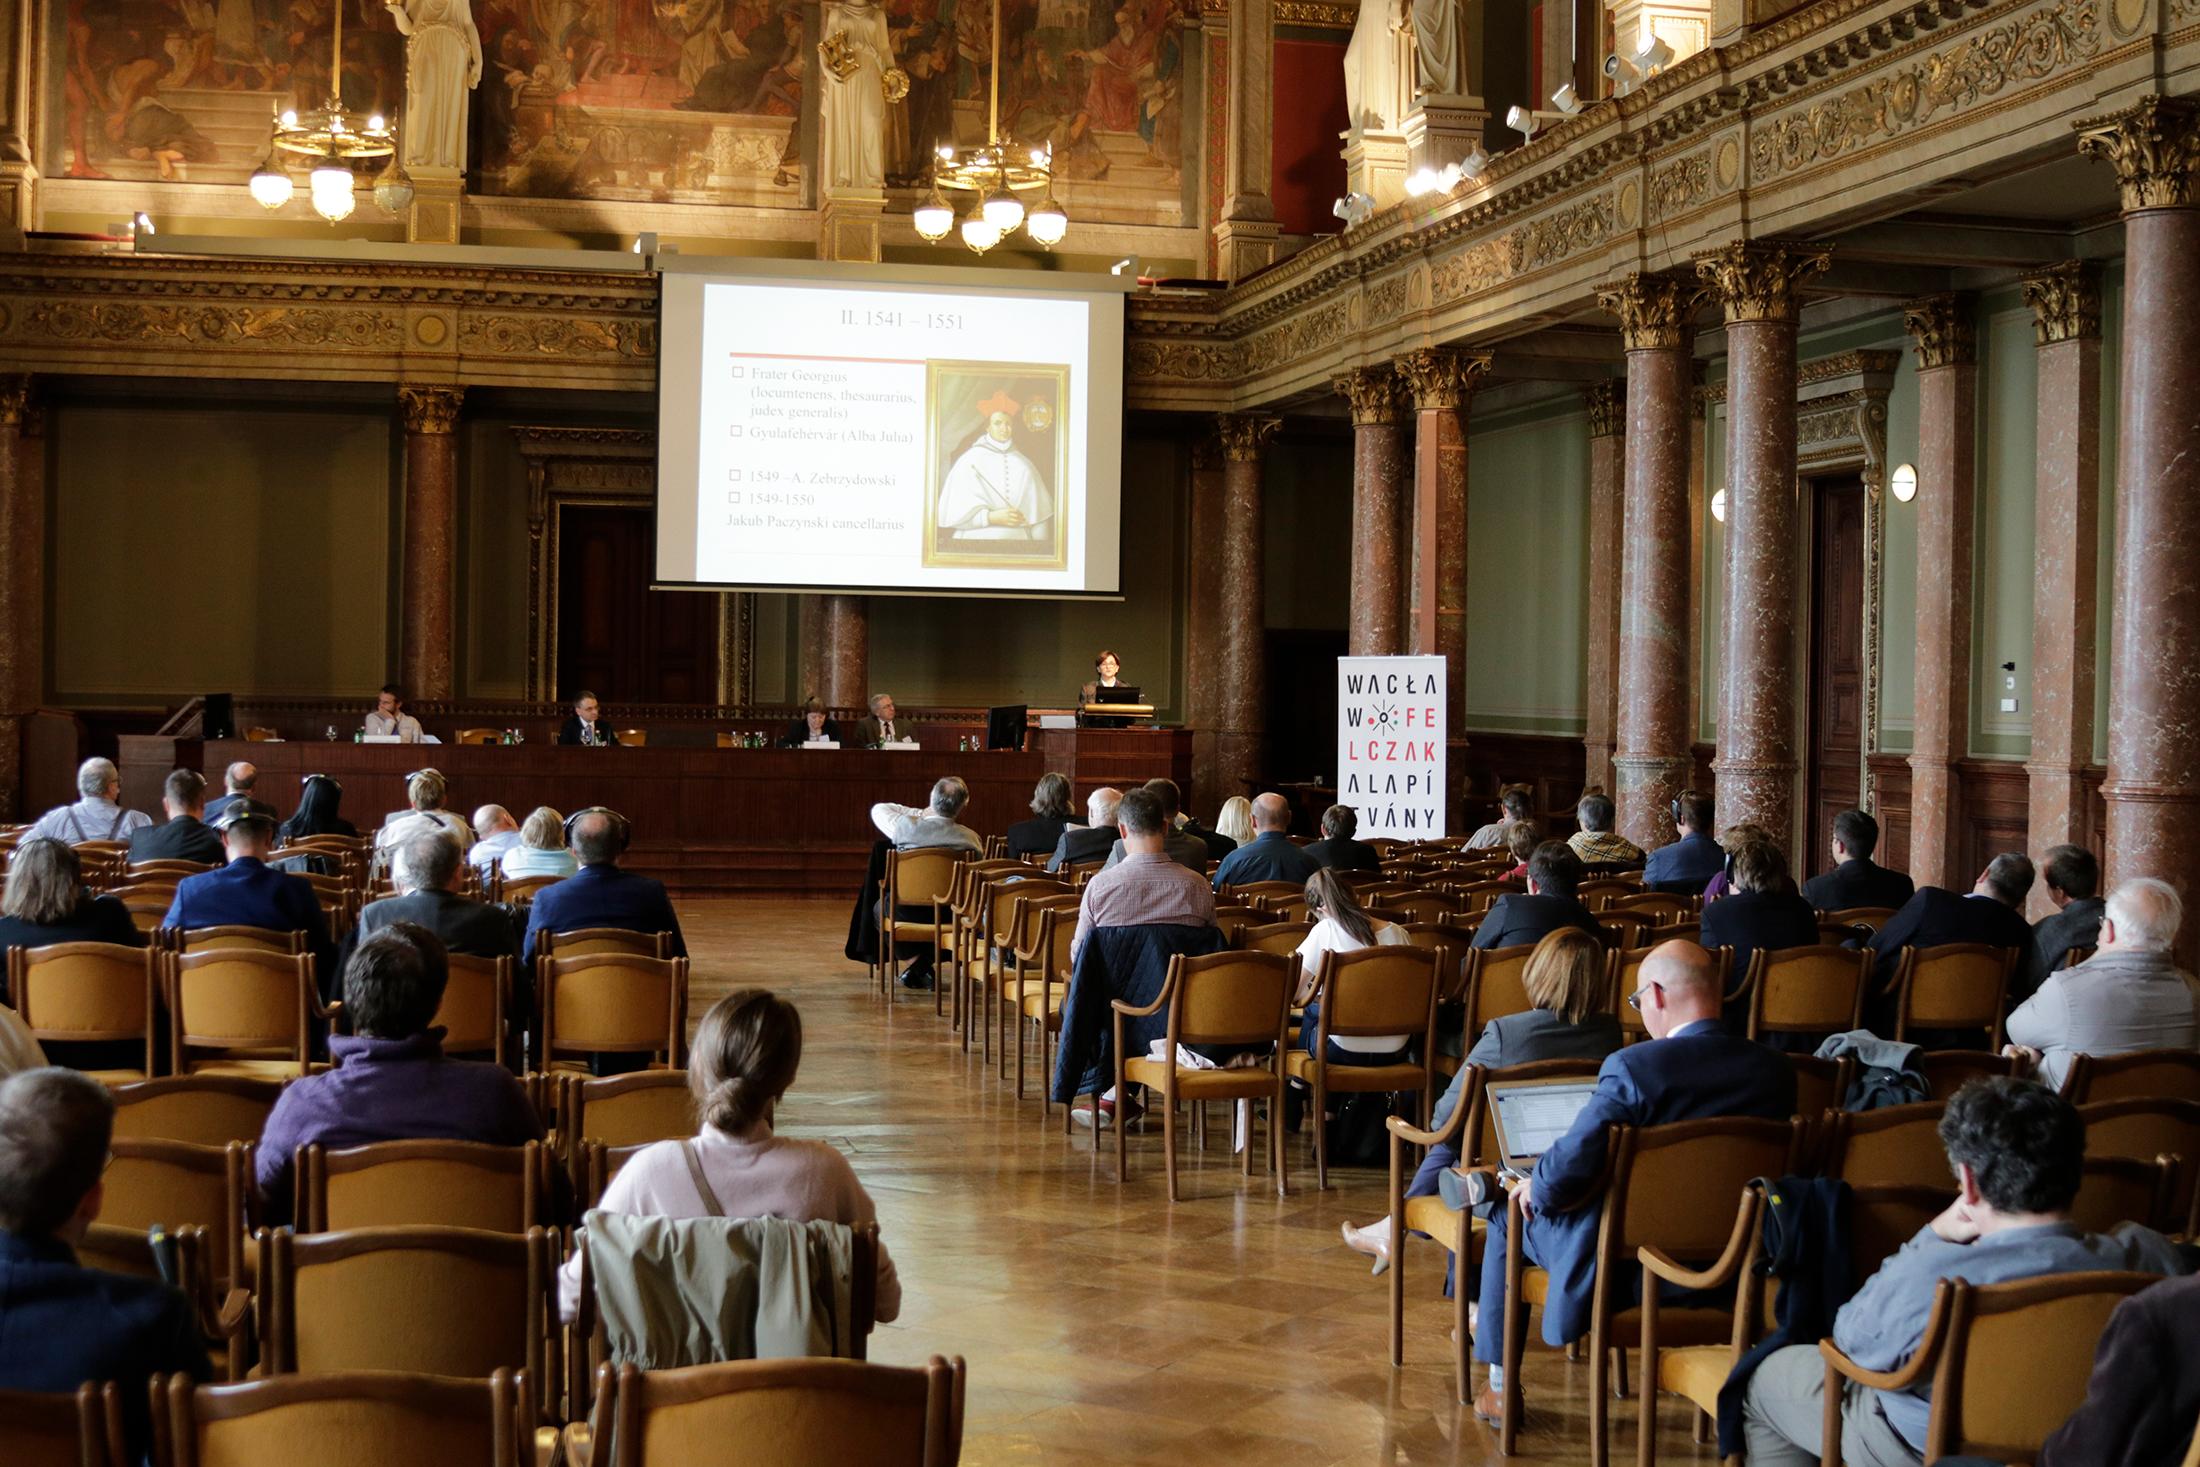 Na Maďarské akademii věd se konala rozsáhlá konference maďarsko-polských historiků, které se zúčastnilo téměř půl stovky badatelů z Maďarska a Polska.